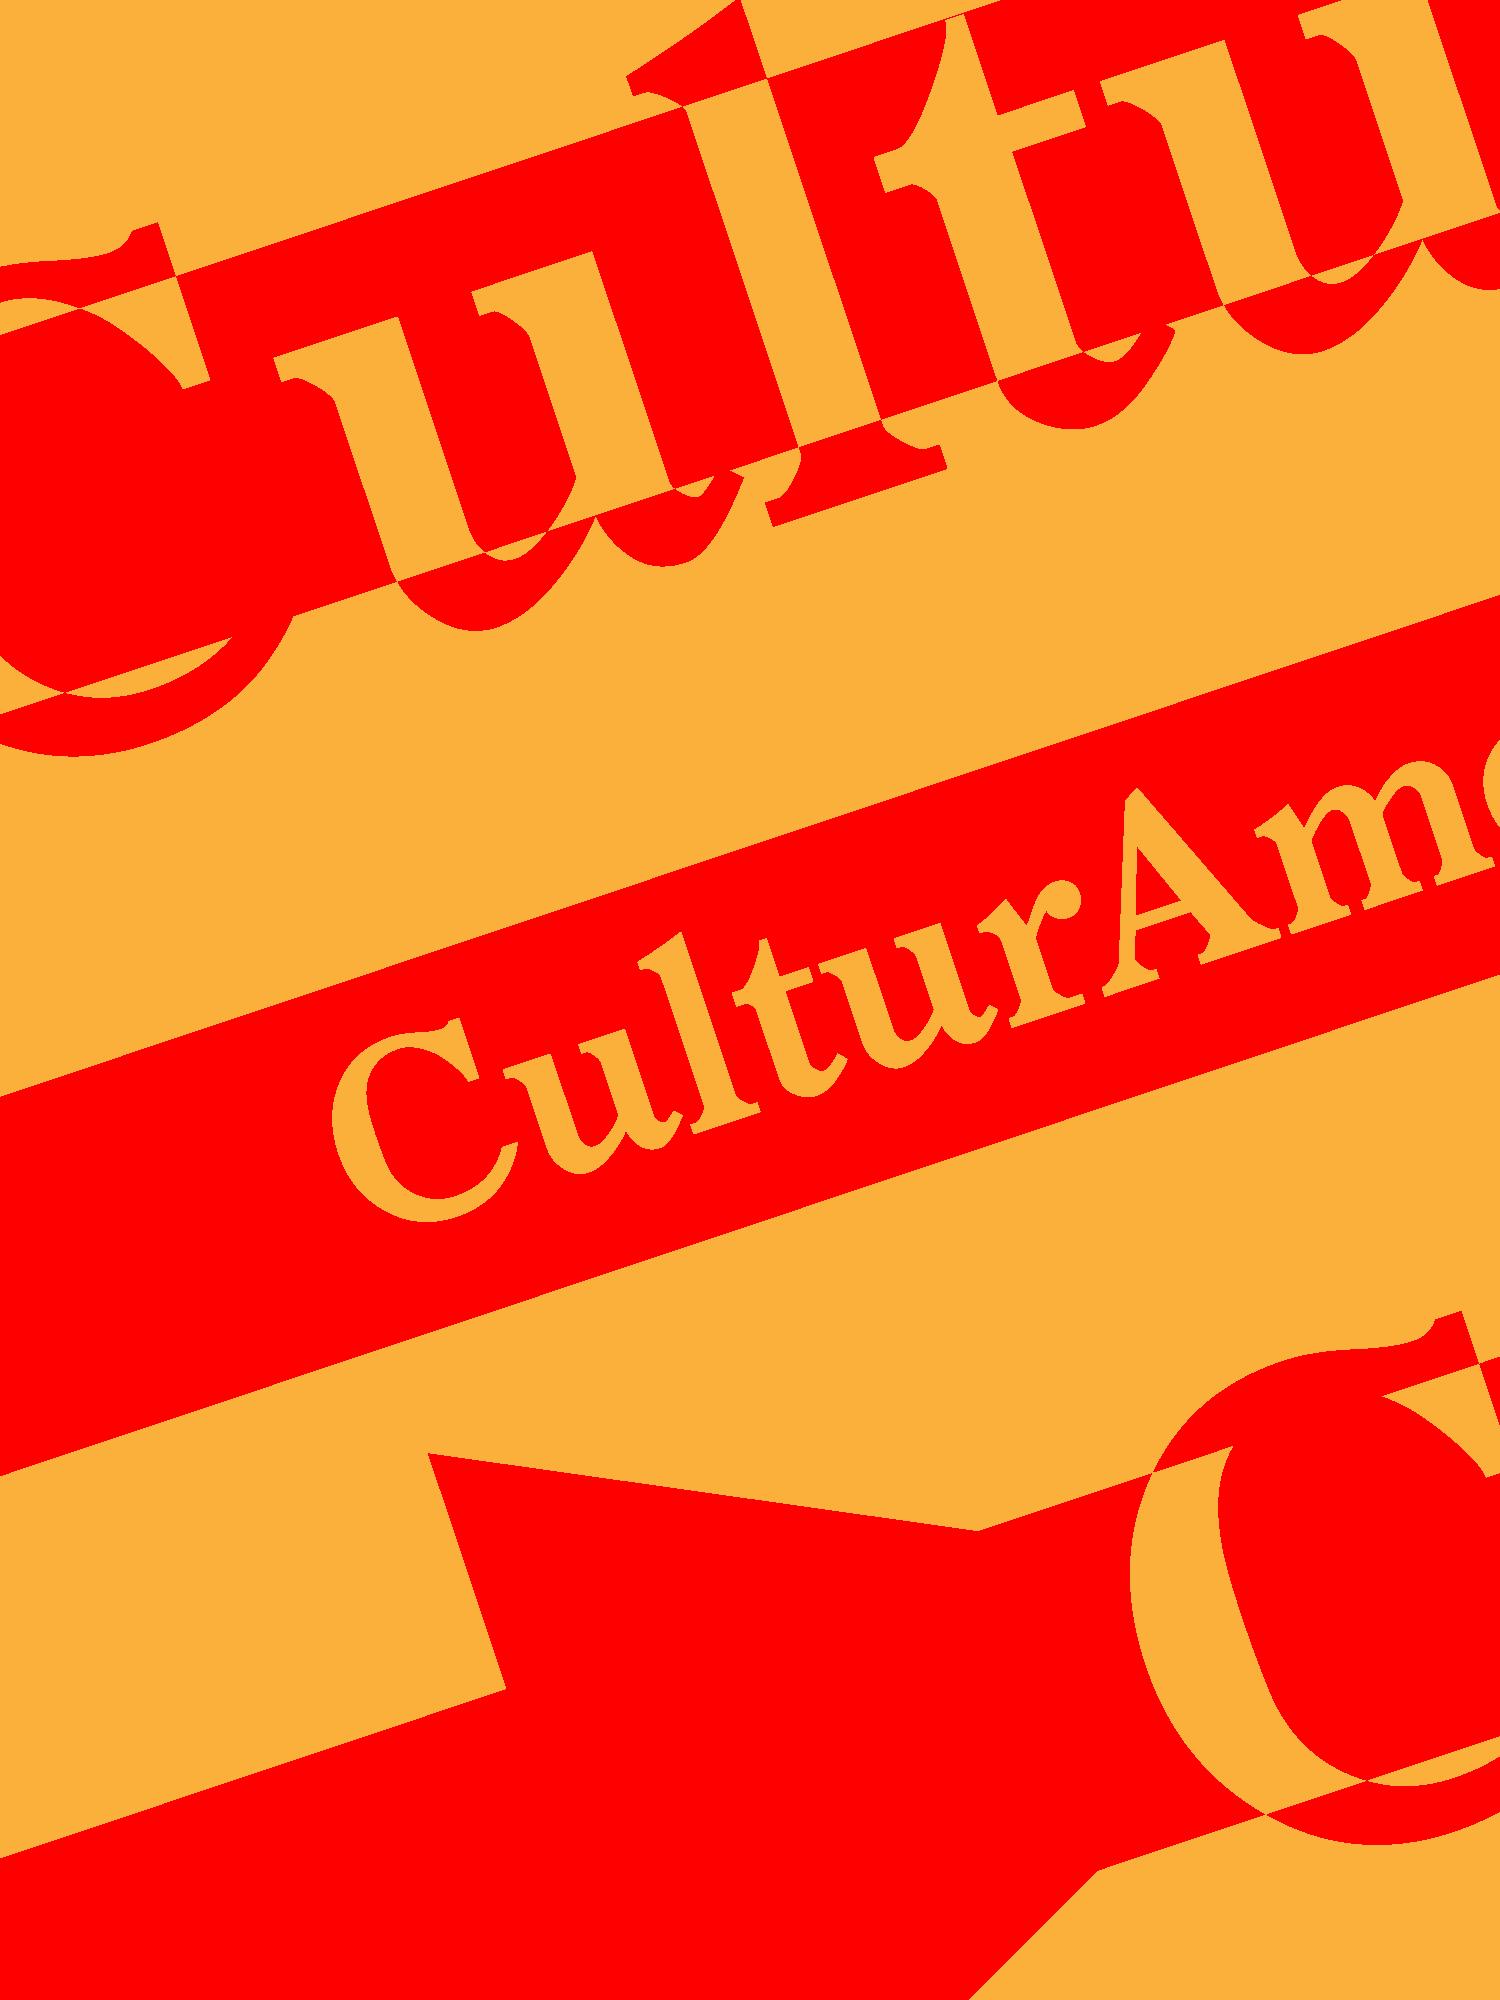 Josselin-tourette-culture-america